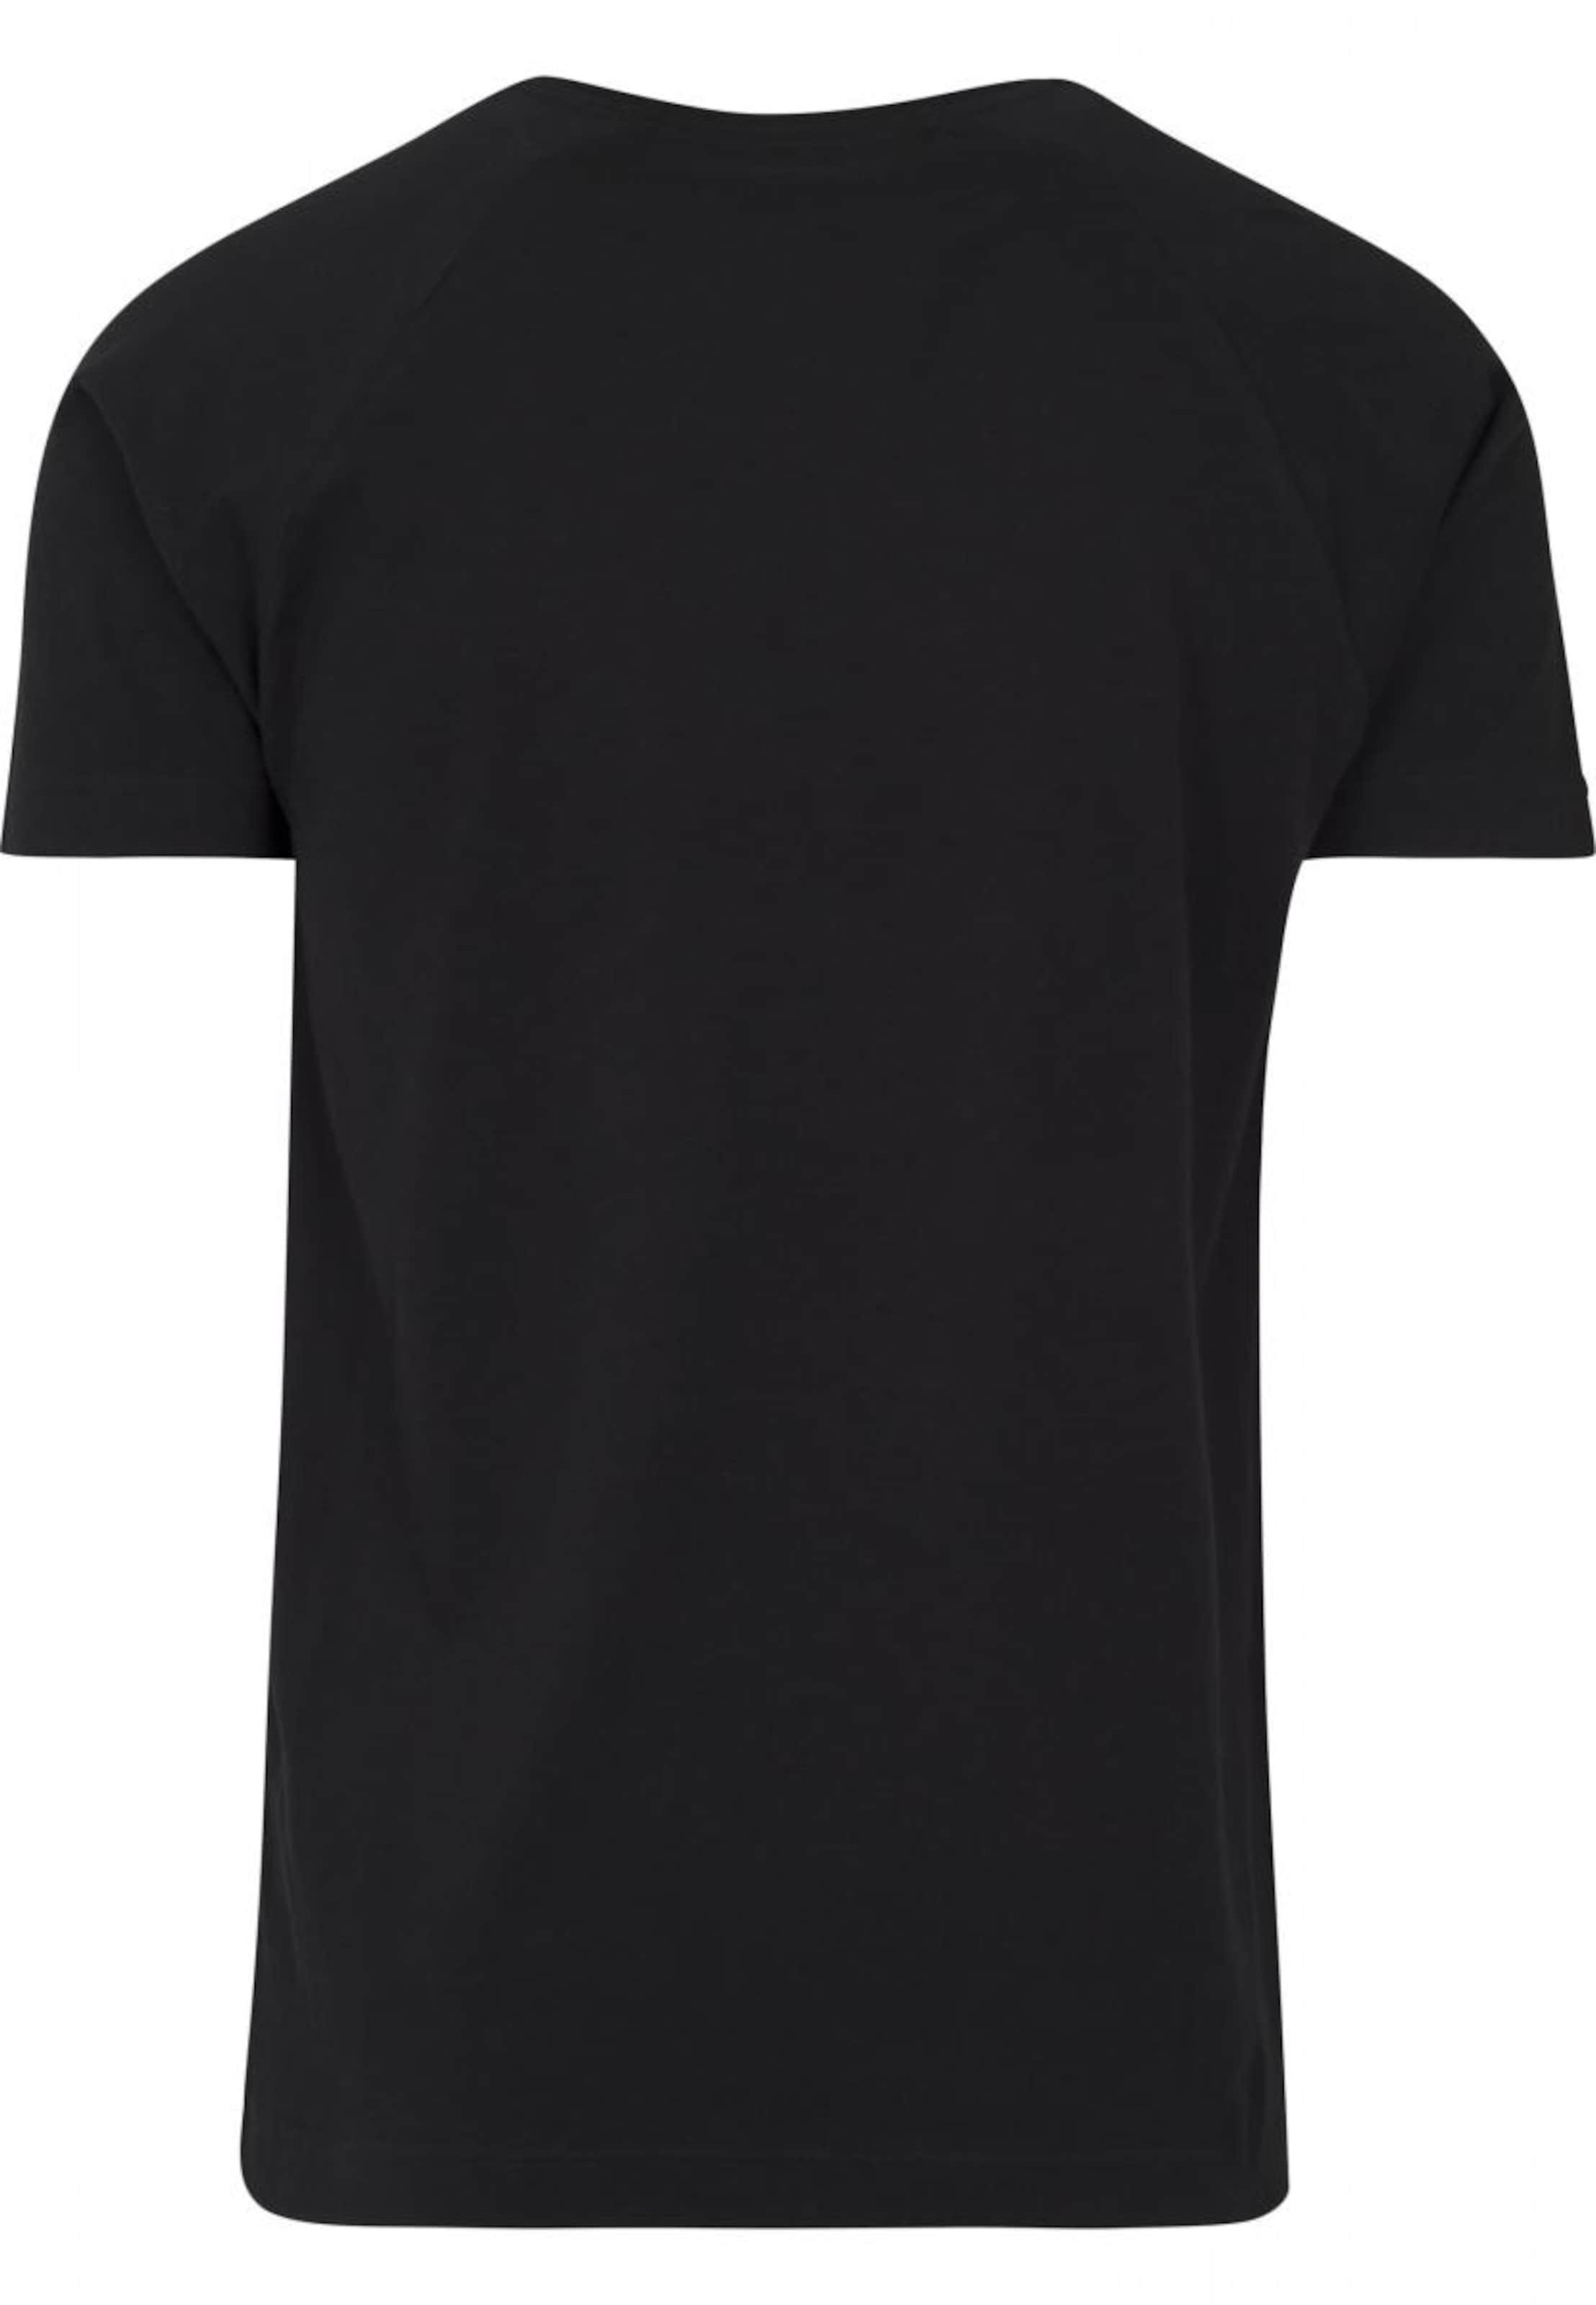 Urban In RotSchwarz Weiß shirt Classics T 3R4AjSc5Lq